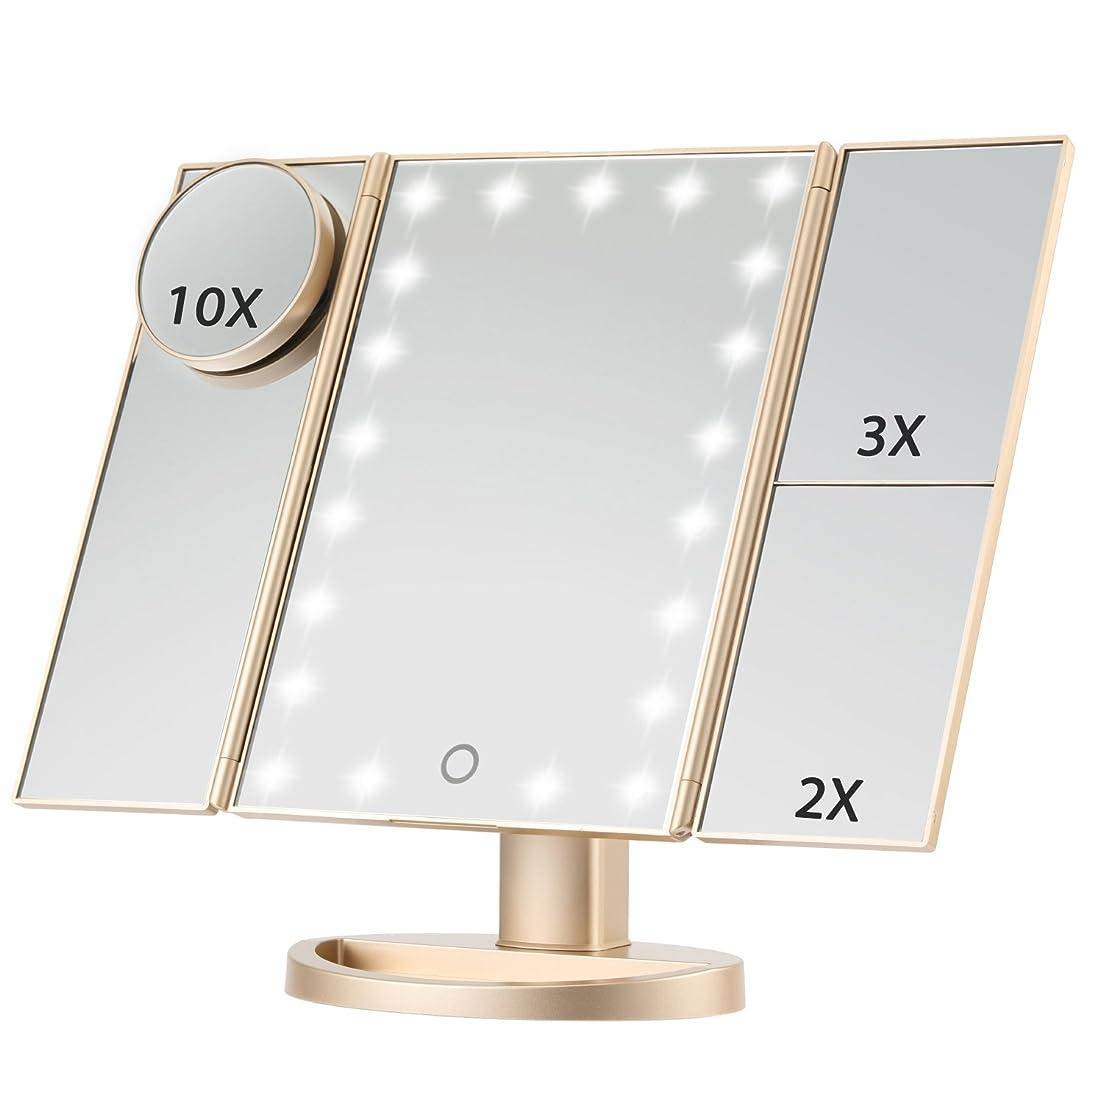 説明報酬のボールMagicfly 化粧鏡 LED三面鏡 ミラー 折り畳み式 10X /3X/2X拡大鏡付き 明るさ調節可能180°回転 電池/USB 2WAY給電 (ゴルード)